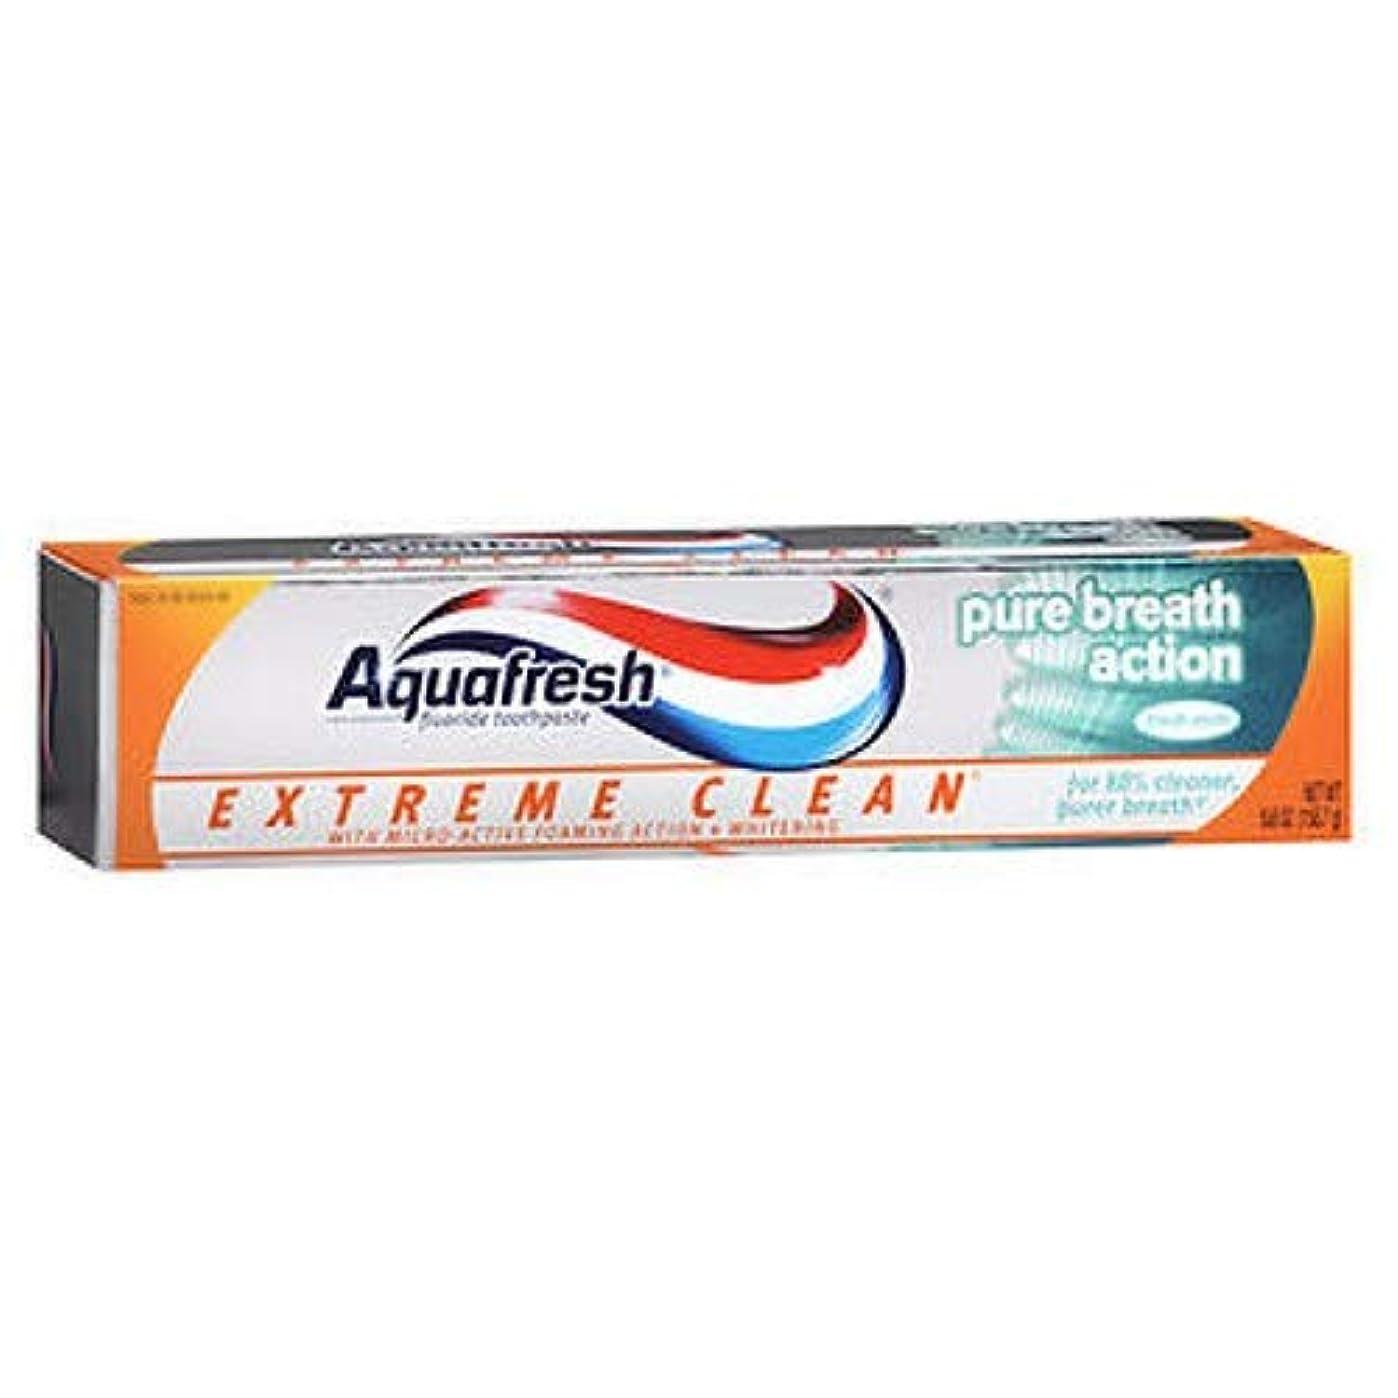 既婚クレーター面Aqua Fresh アクアフレッシュエクストリームクリーンピュアブレスアクション、フレッシュミント、5.6オンス、3パック